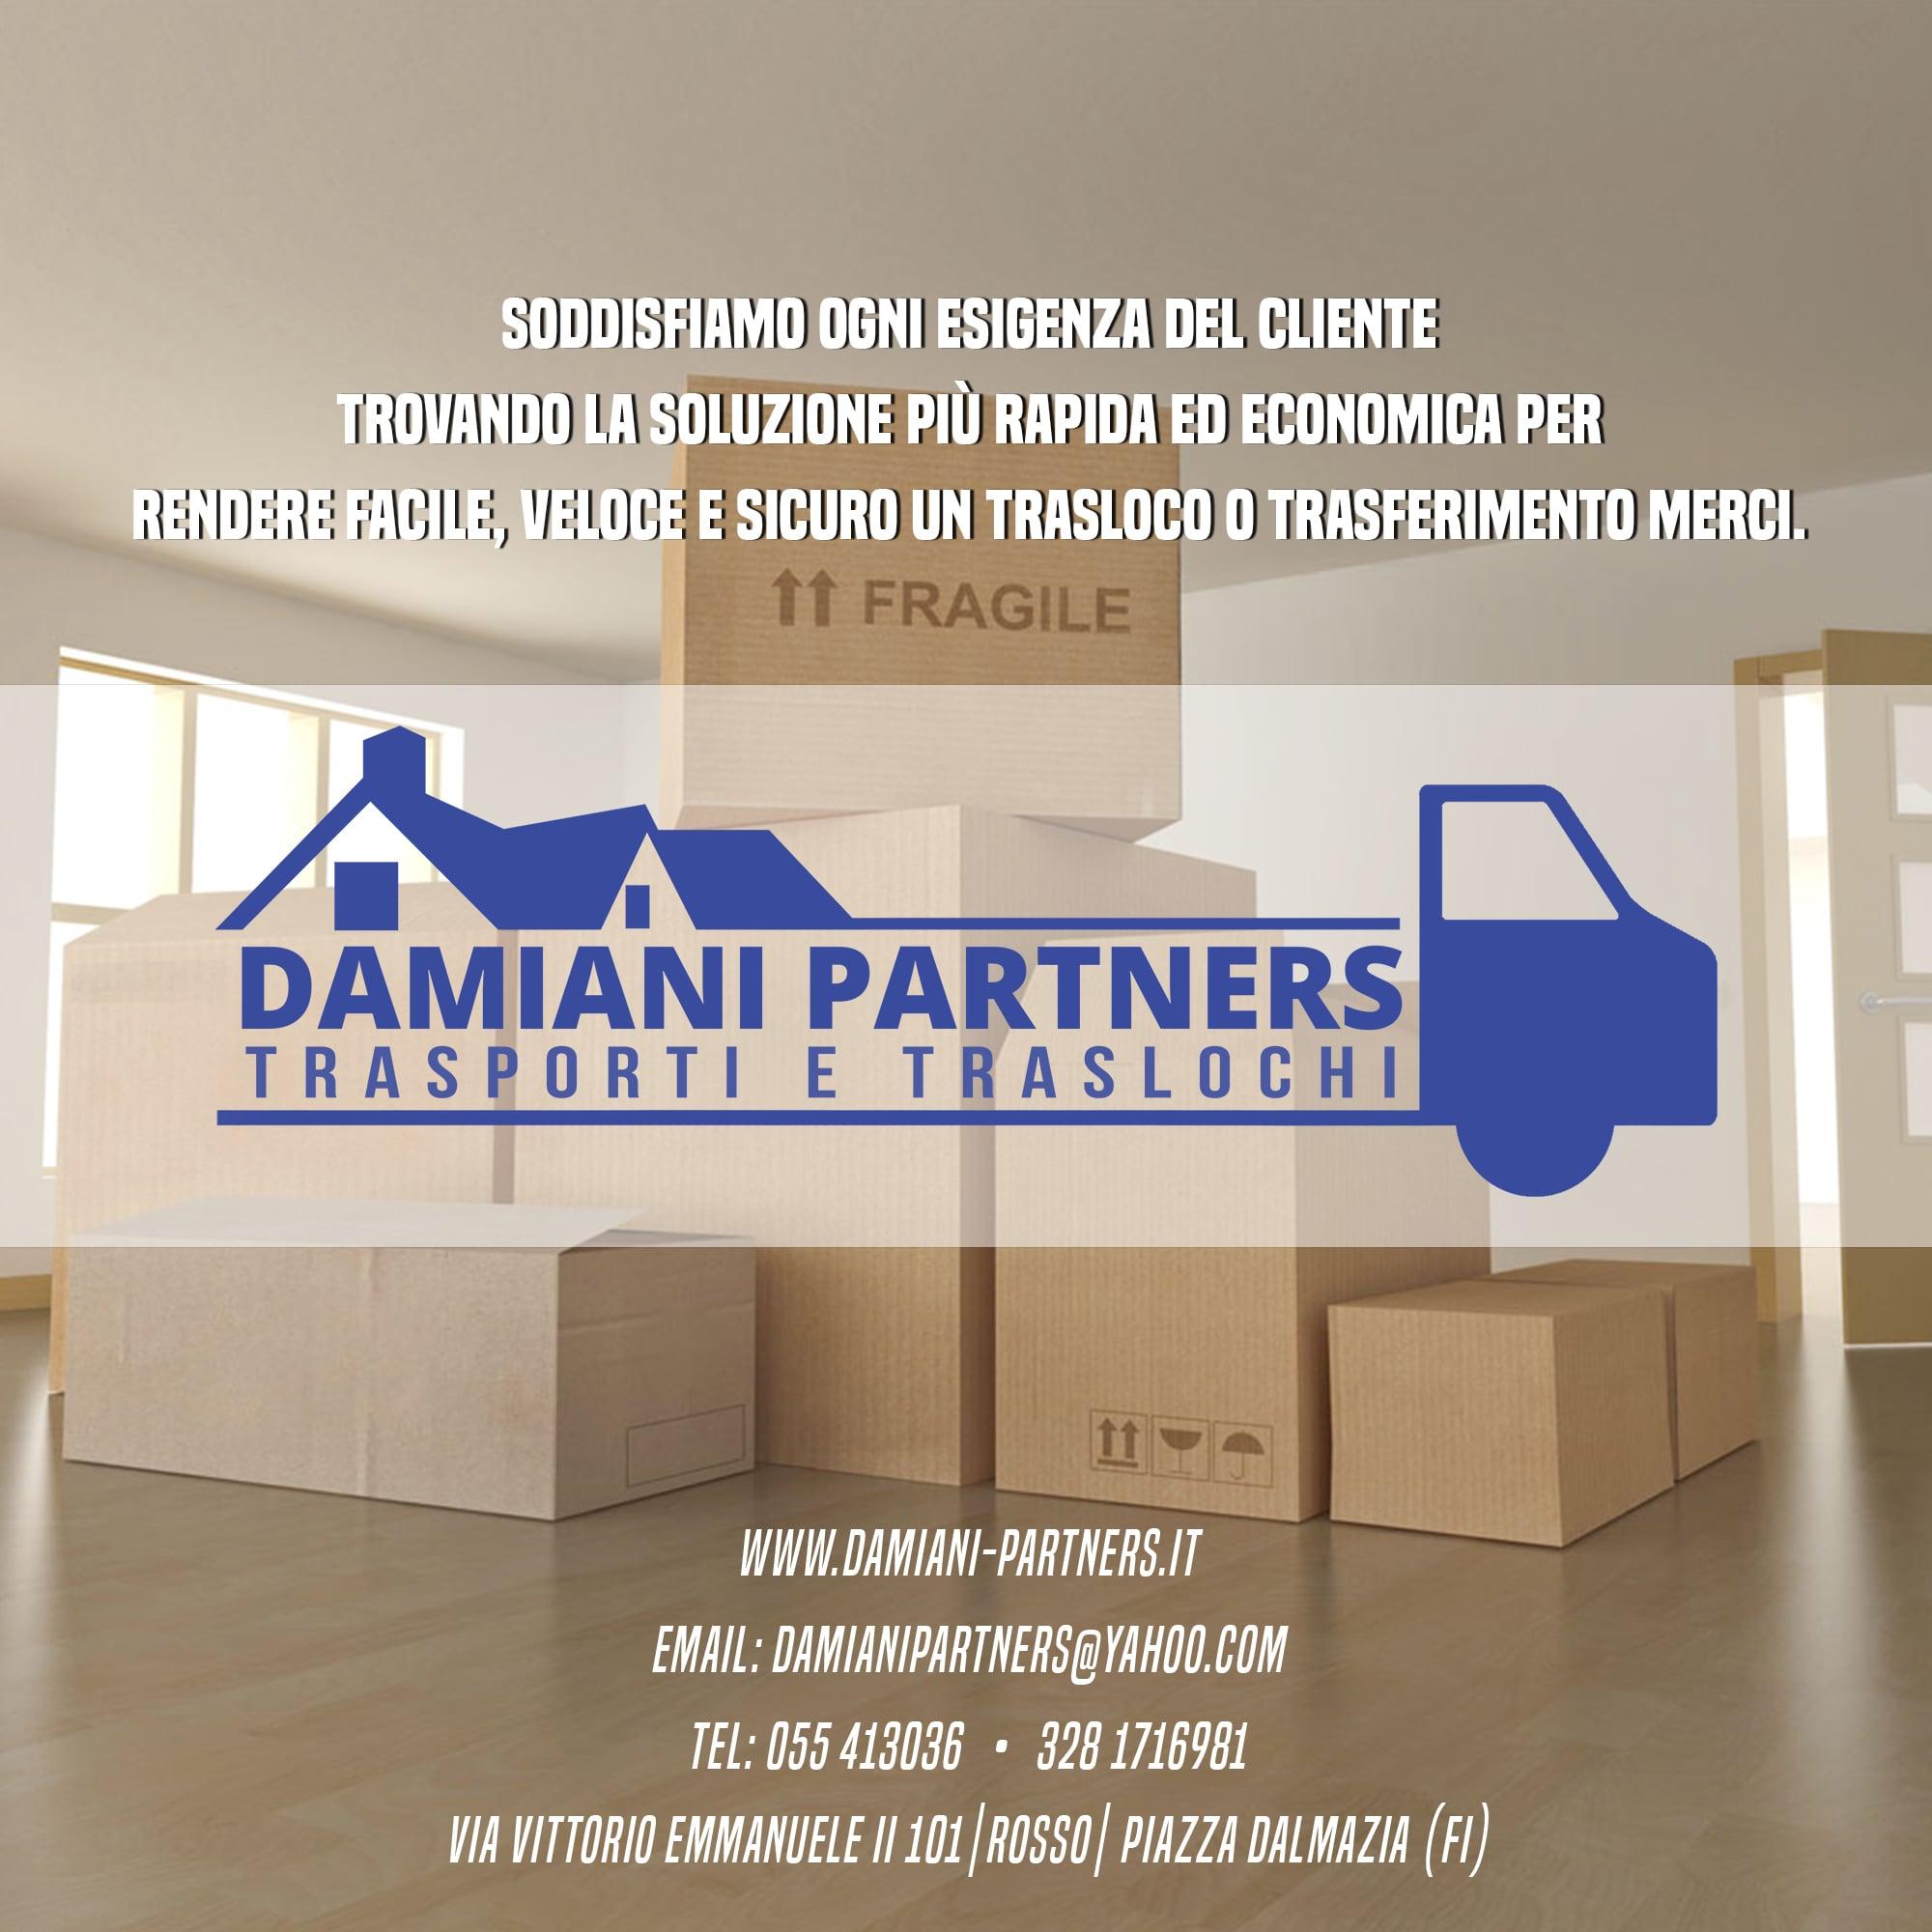 Svuota Appartamenti Gratis Firenze le migliori 38 imprese di sgombero a firenze (con preventivi